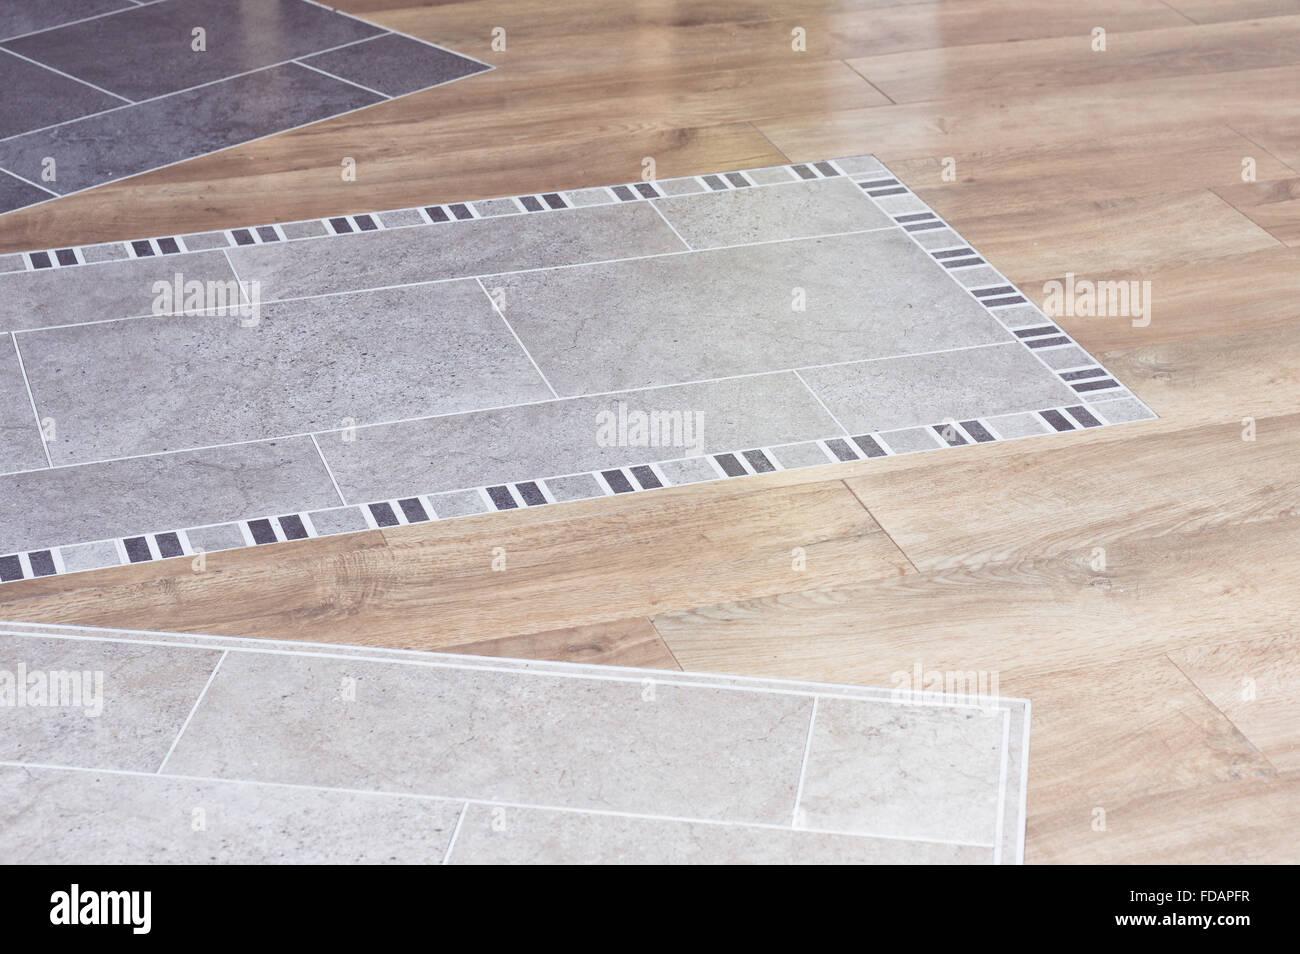 Fußboden Holz Fliesen ~ Holz laminat und fliesen auf dem fußboden ein innenarchitektur